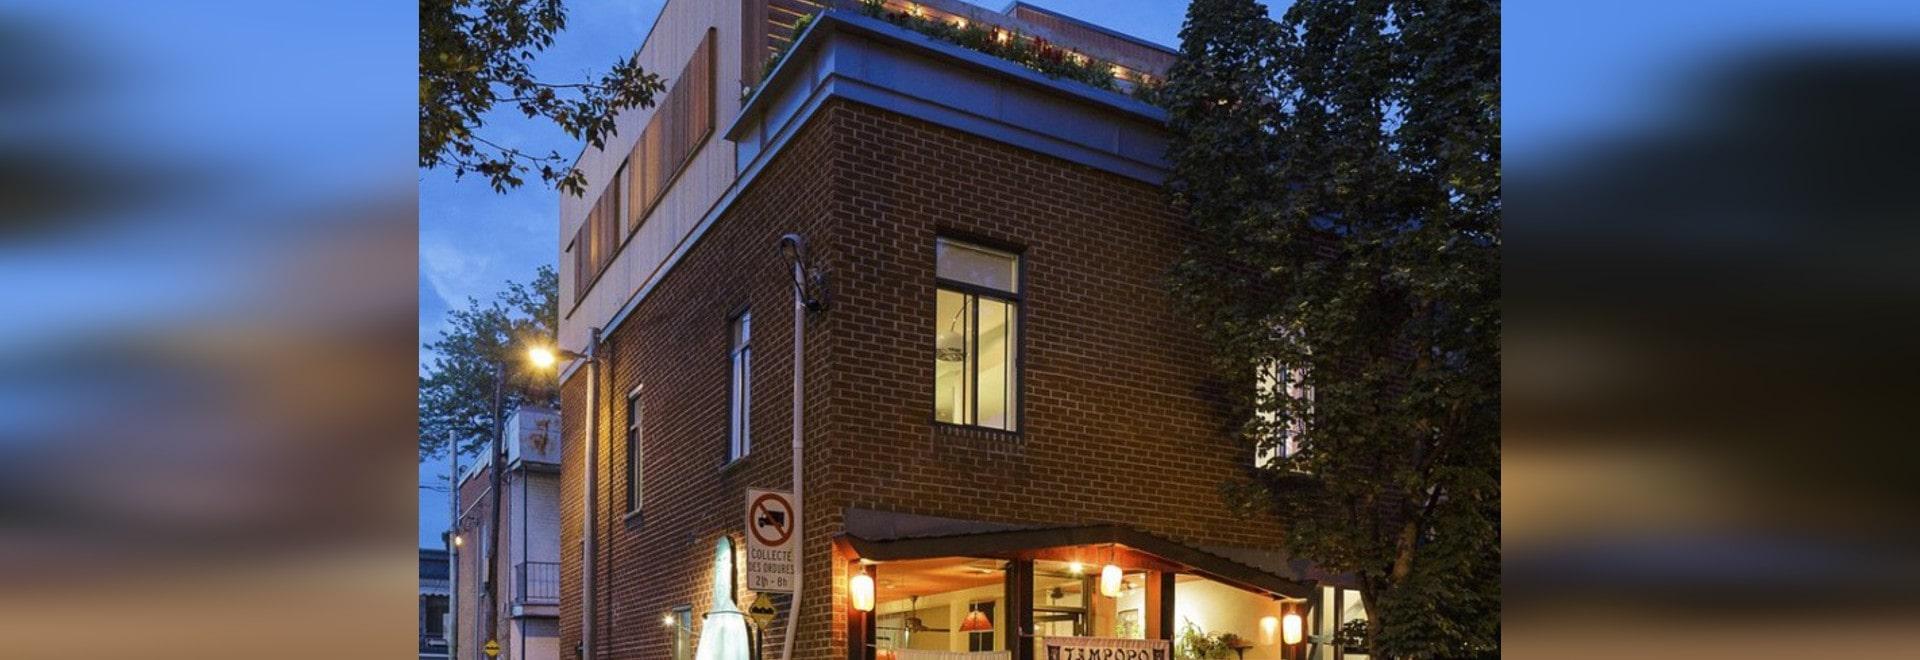 MU-Architektur-Entwurf eine Wohnung über einer Gaststätte - Montreal ...